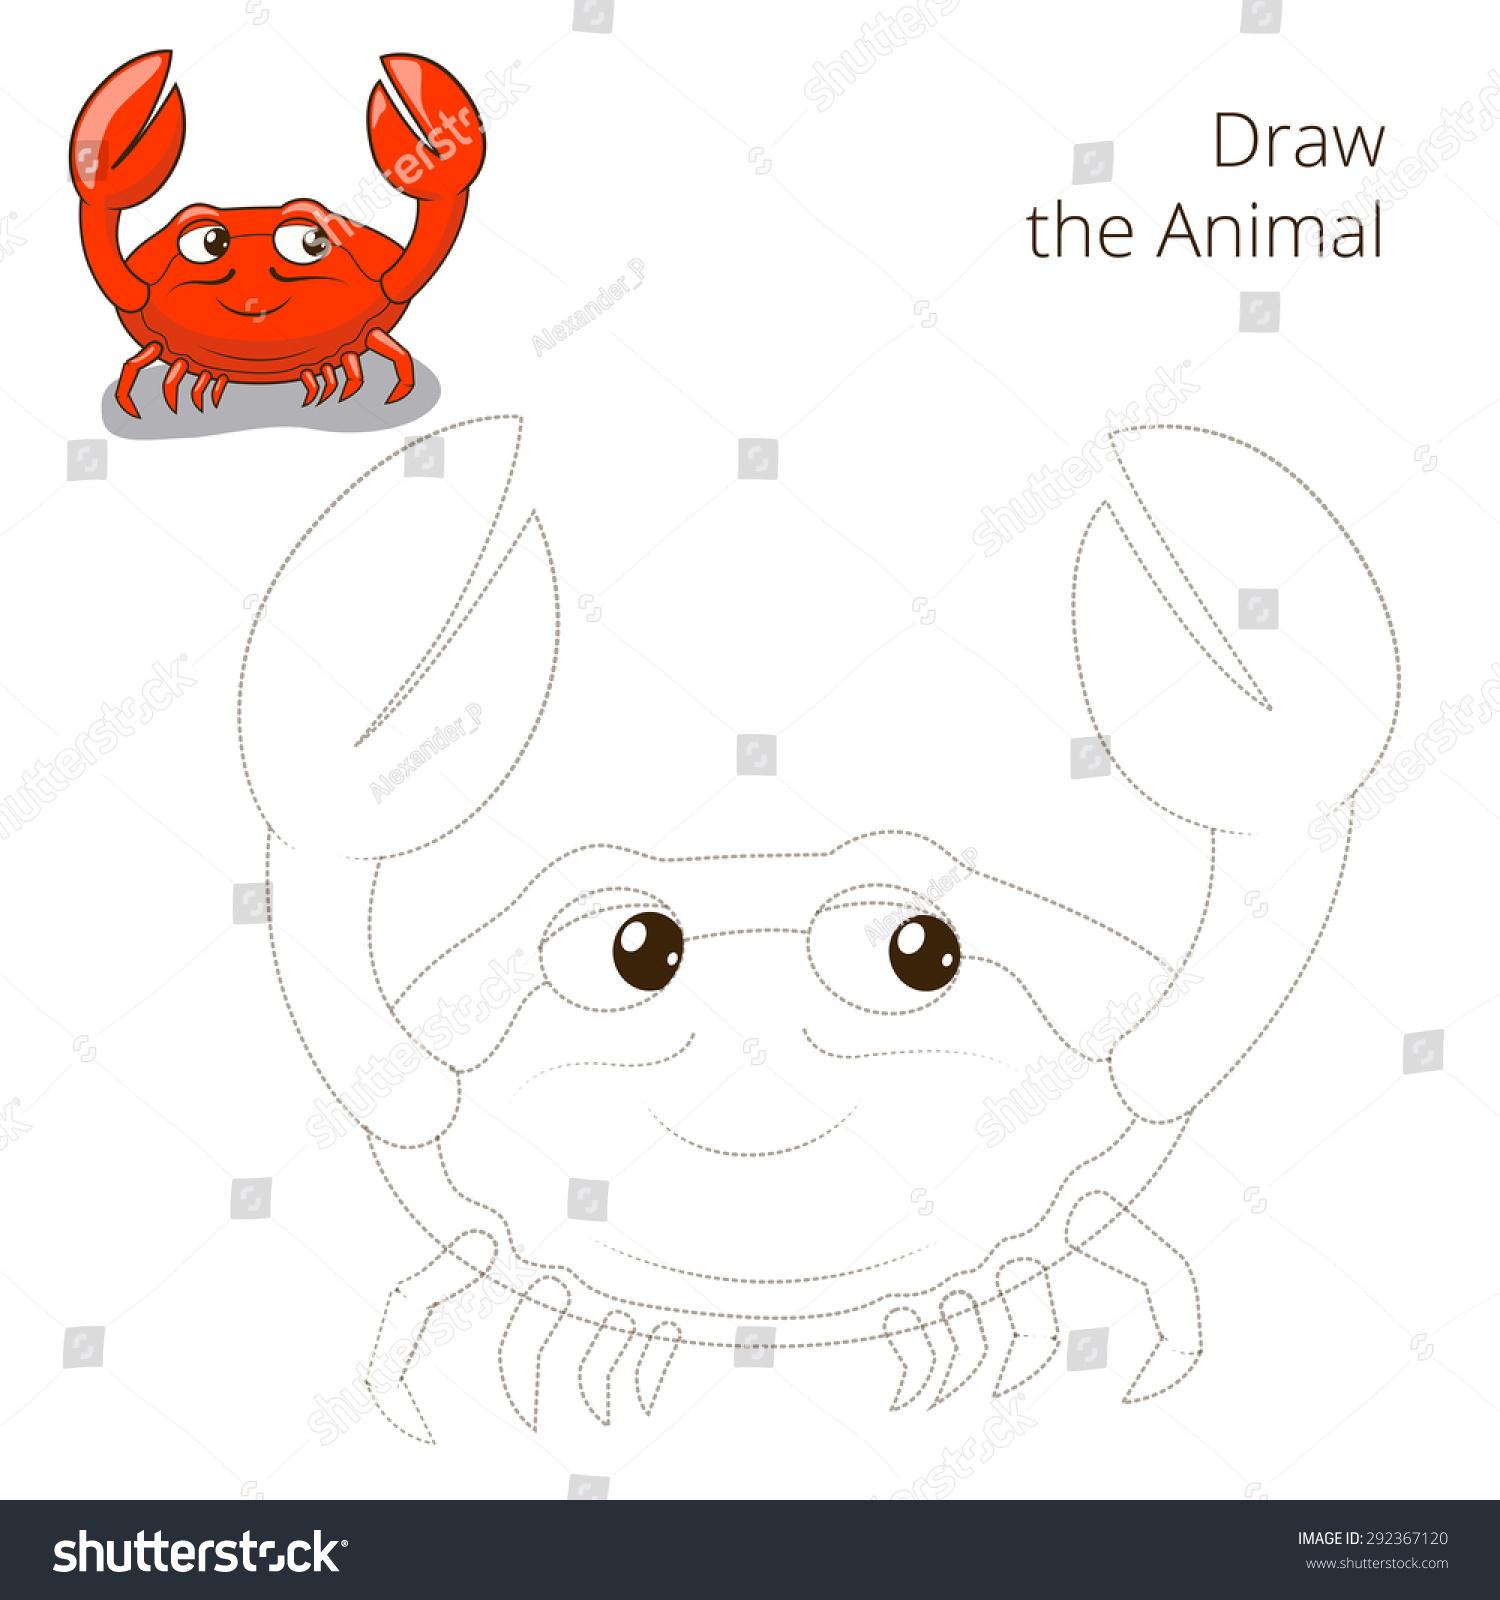 画出鱼动物蟹教育游戏光栅的版本-动物/野生生物,教育